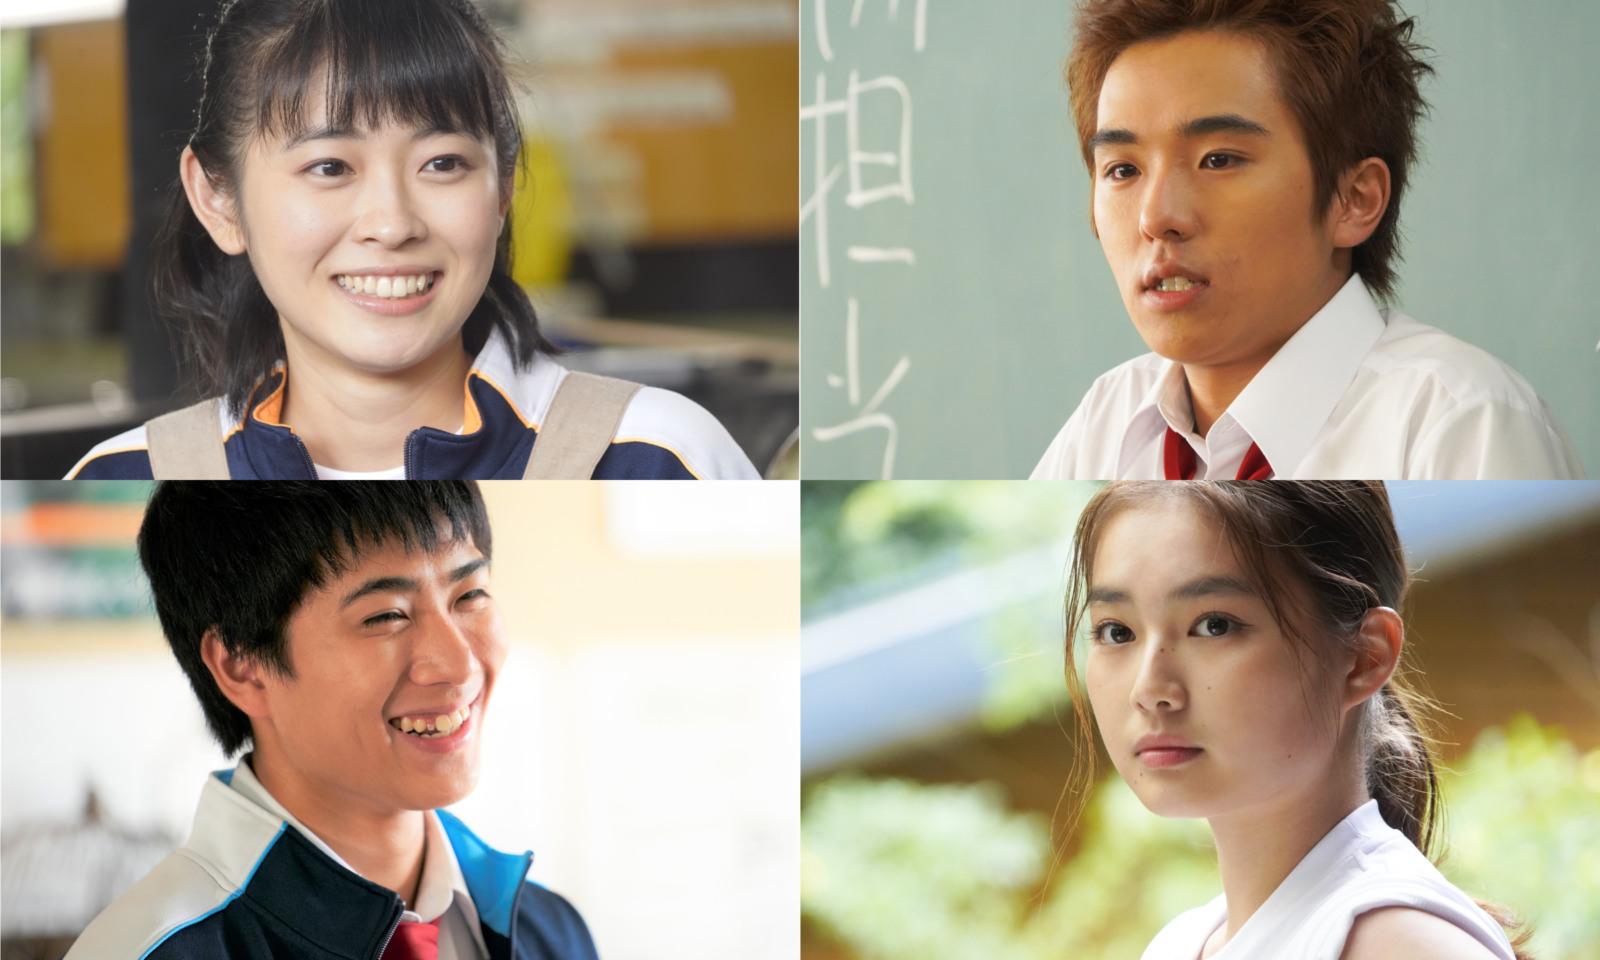 映画『胸が鳴るのは君のせい』河村花、若林時英、箭内夢菜、入江海斗がクラスメイト役として追加解禁!